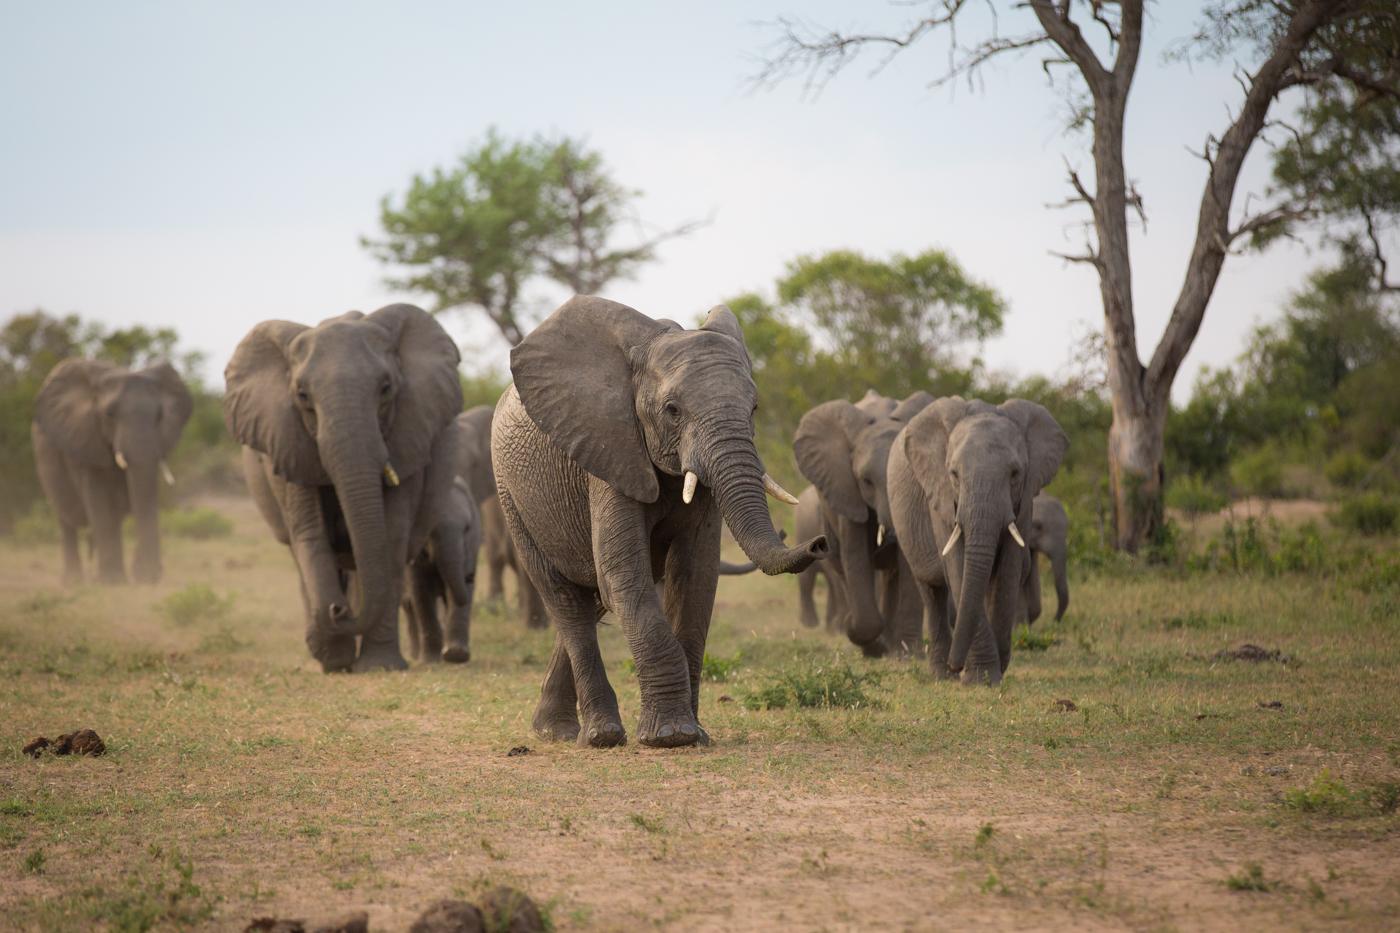 Elephants approach water